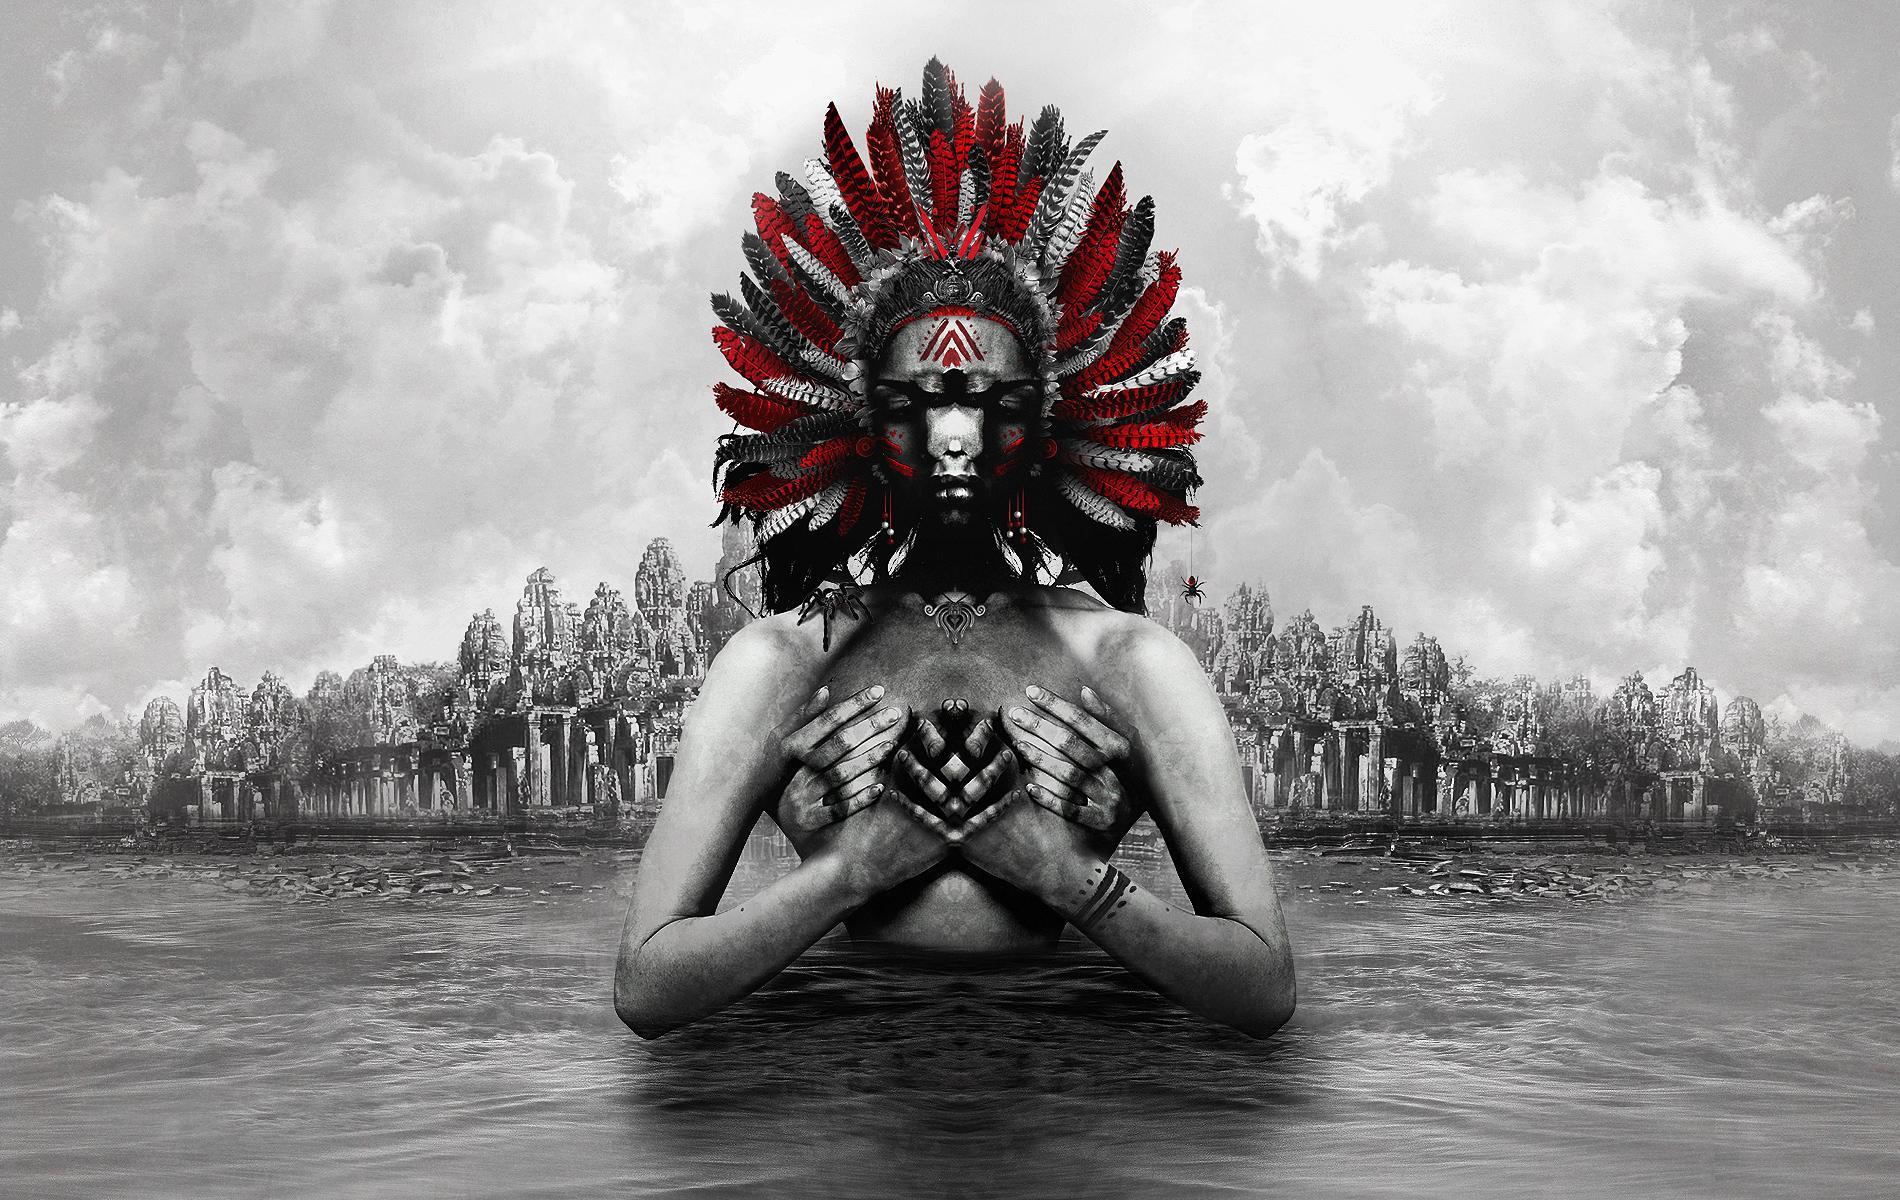 Aztec Warrior Art Wallpaper